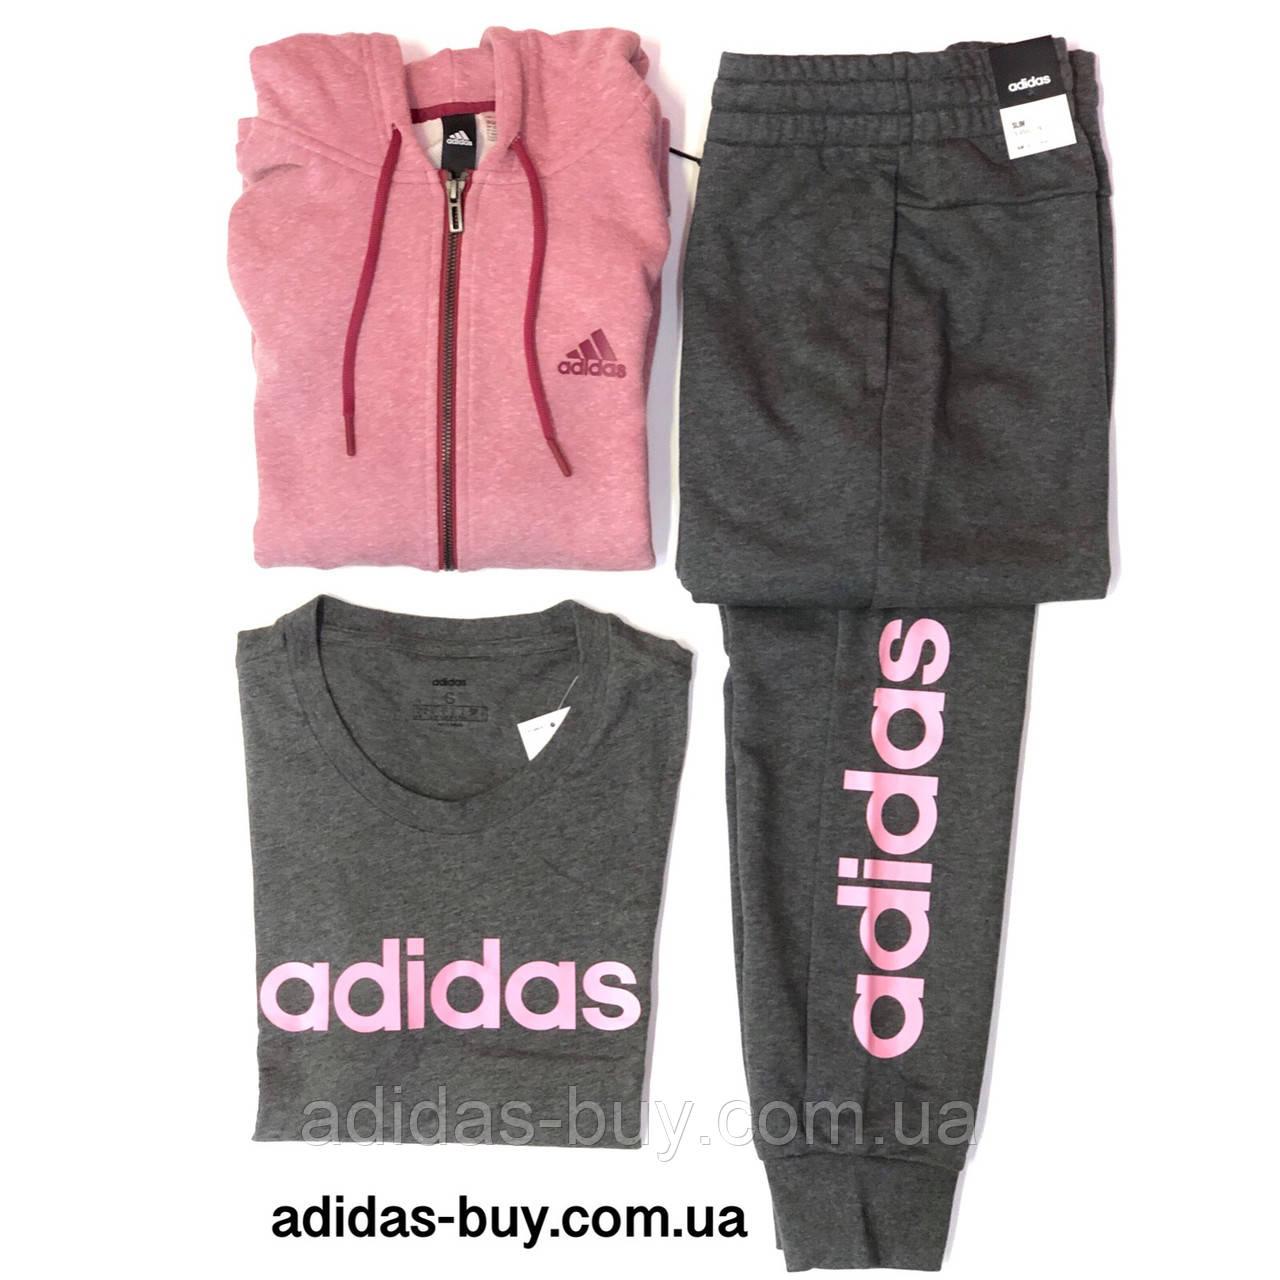 4d2c3bbc Костюм женский оригинал джемпер и штаны adidas DU0698 цвет: черный/розовый